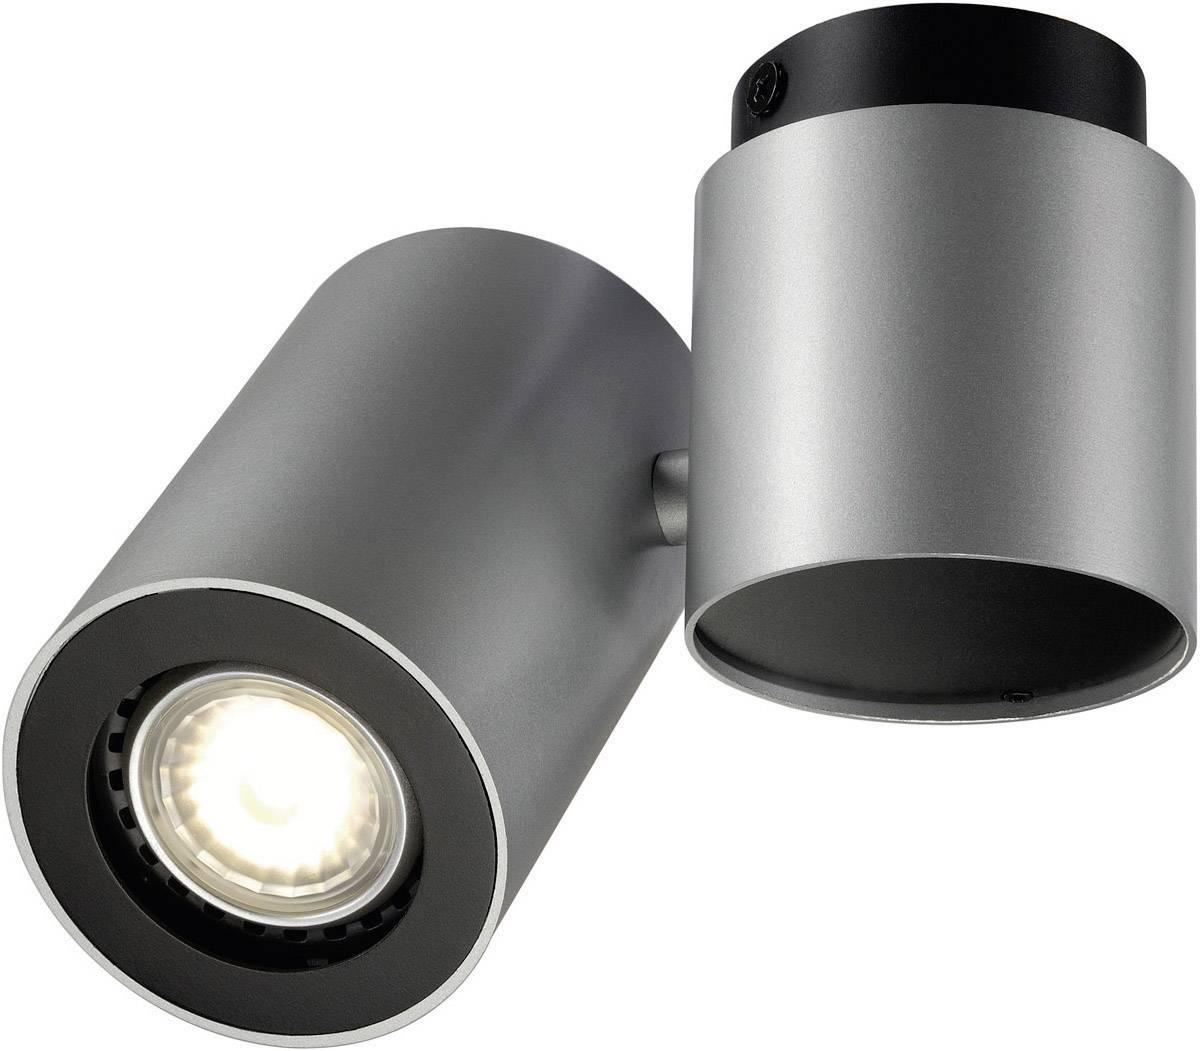 Stropní lampa úsporná žárovka, LED GU10 50 W SLV Enola_B 151824 stříbrnošedá, černá